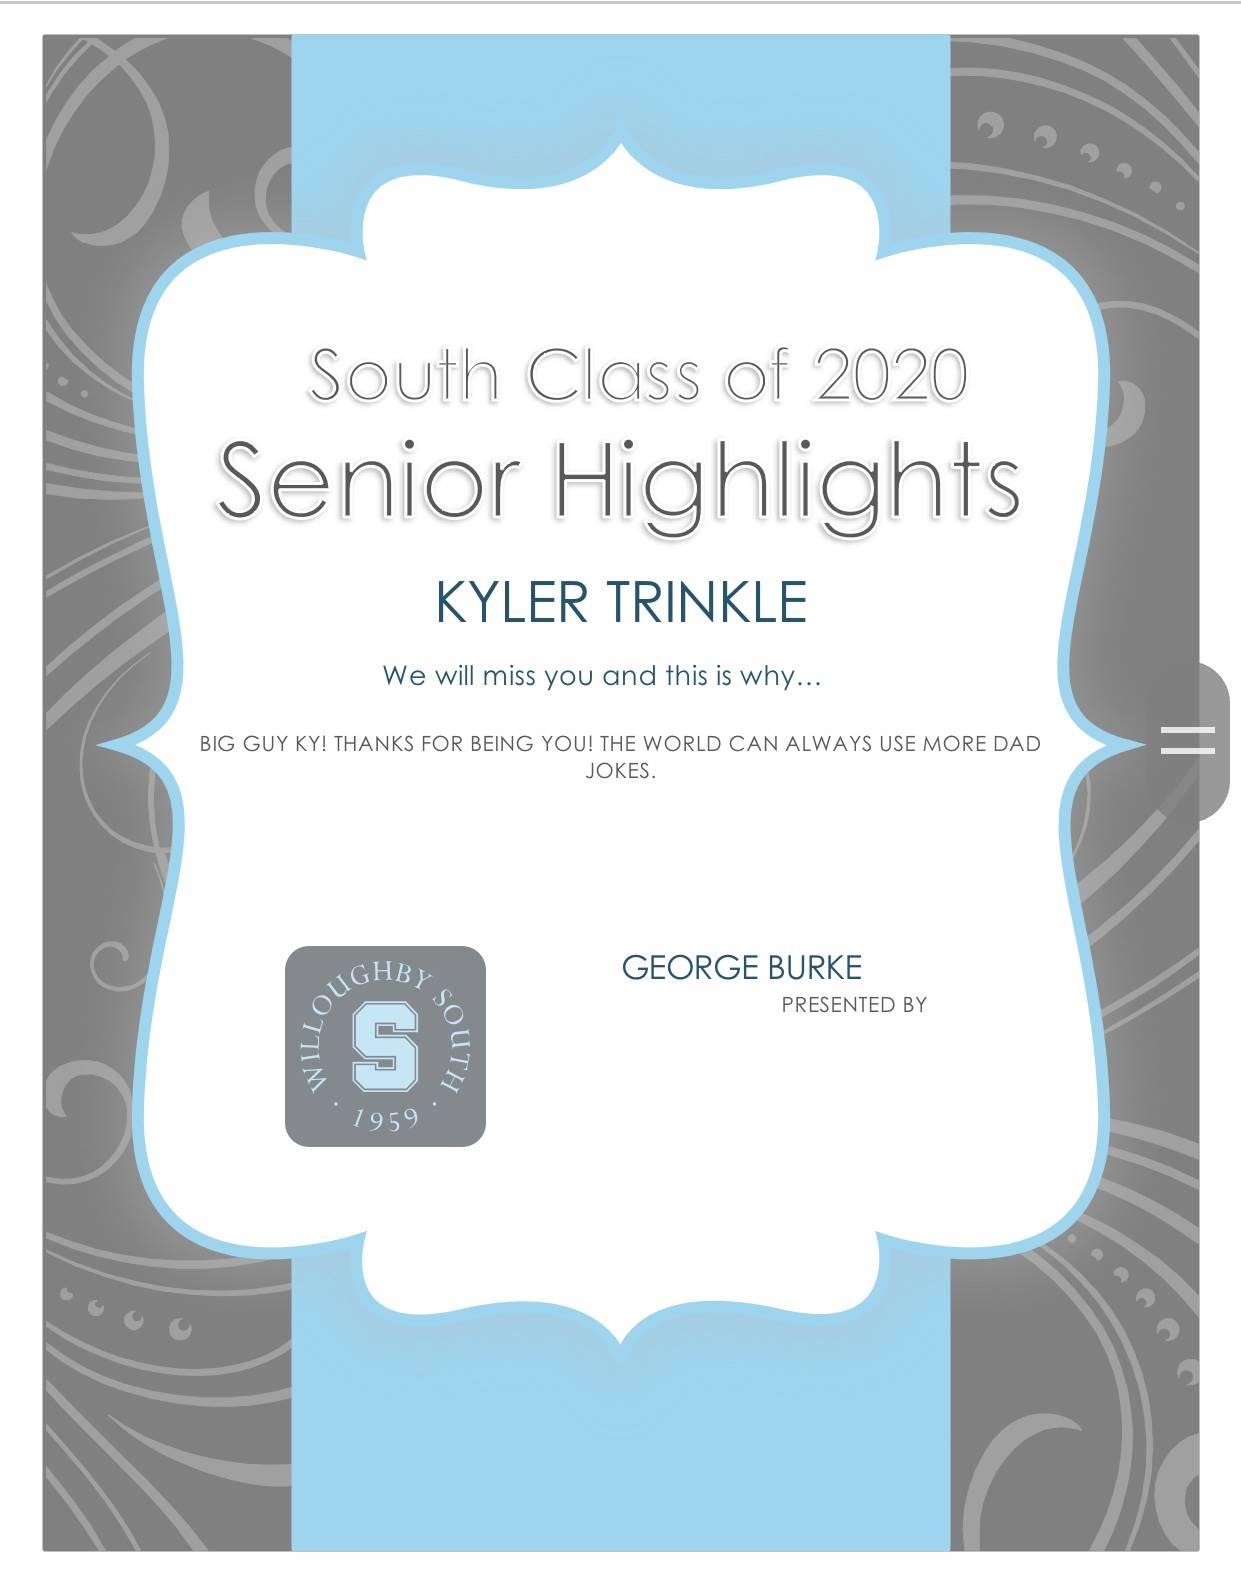 Kyler Trinkle